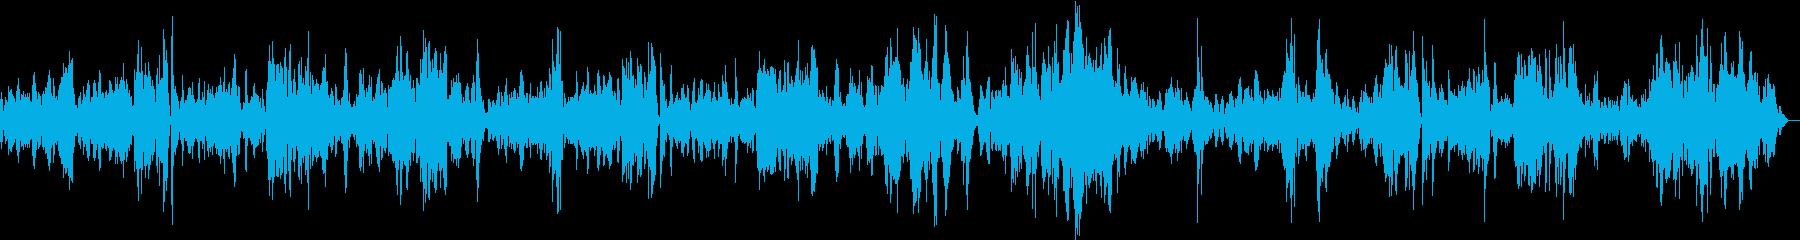 モーツァルトピアノソナタK333第1楽章の再生済みの波形